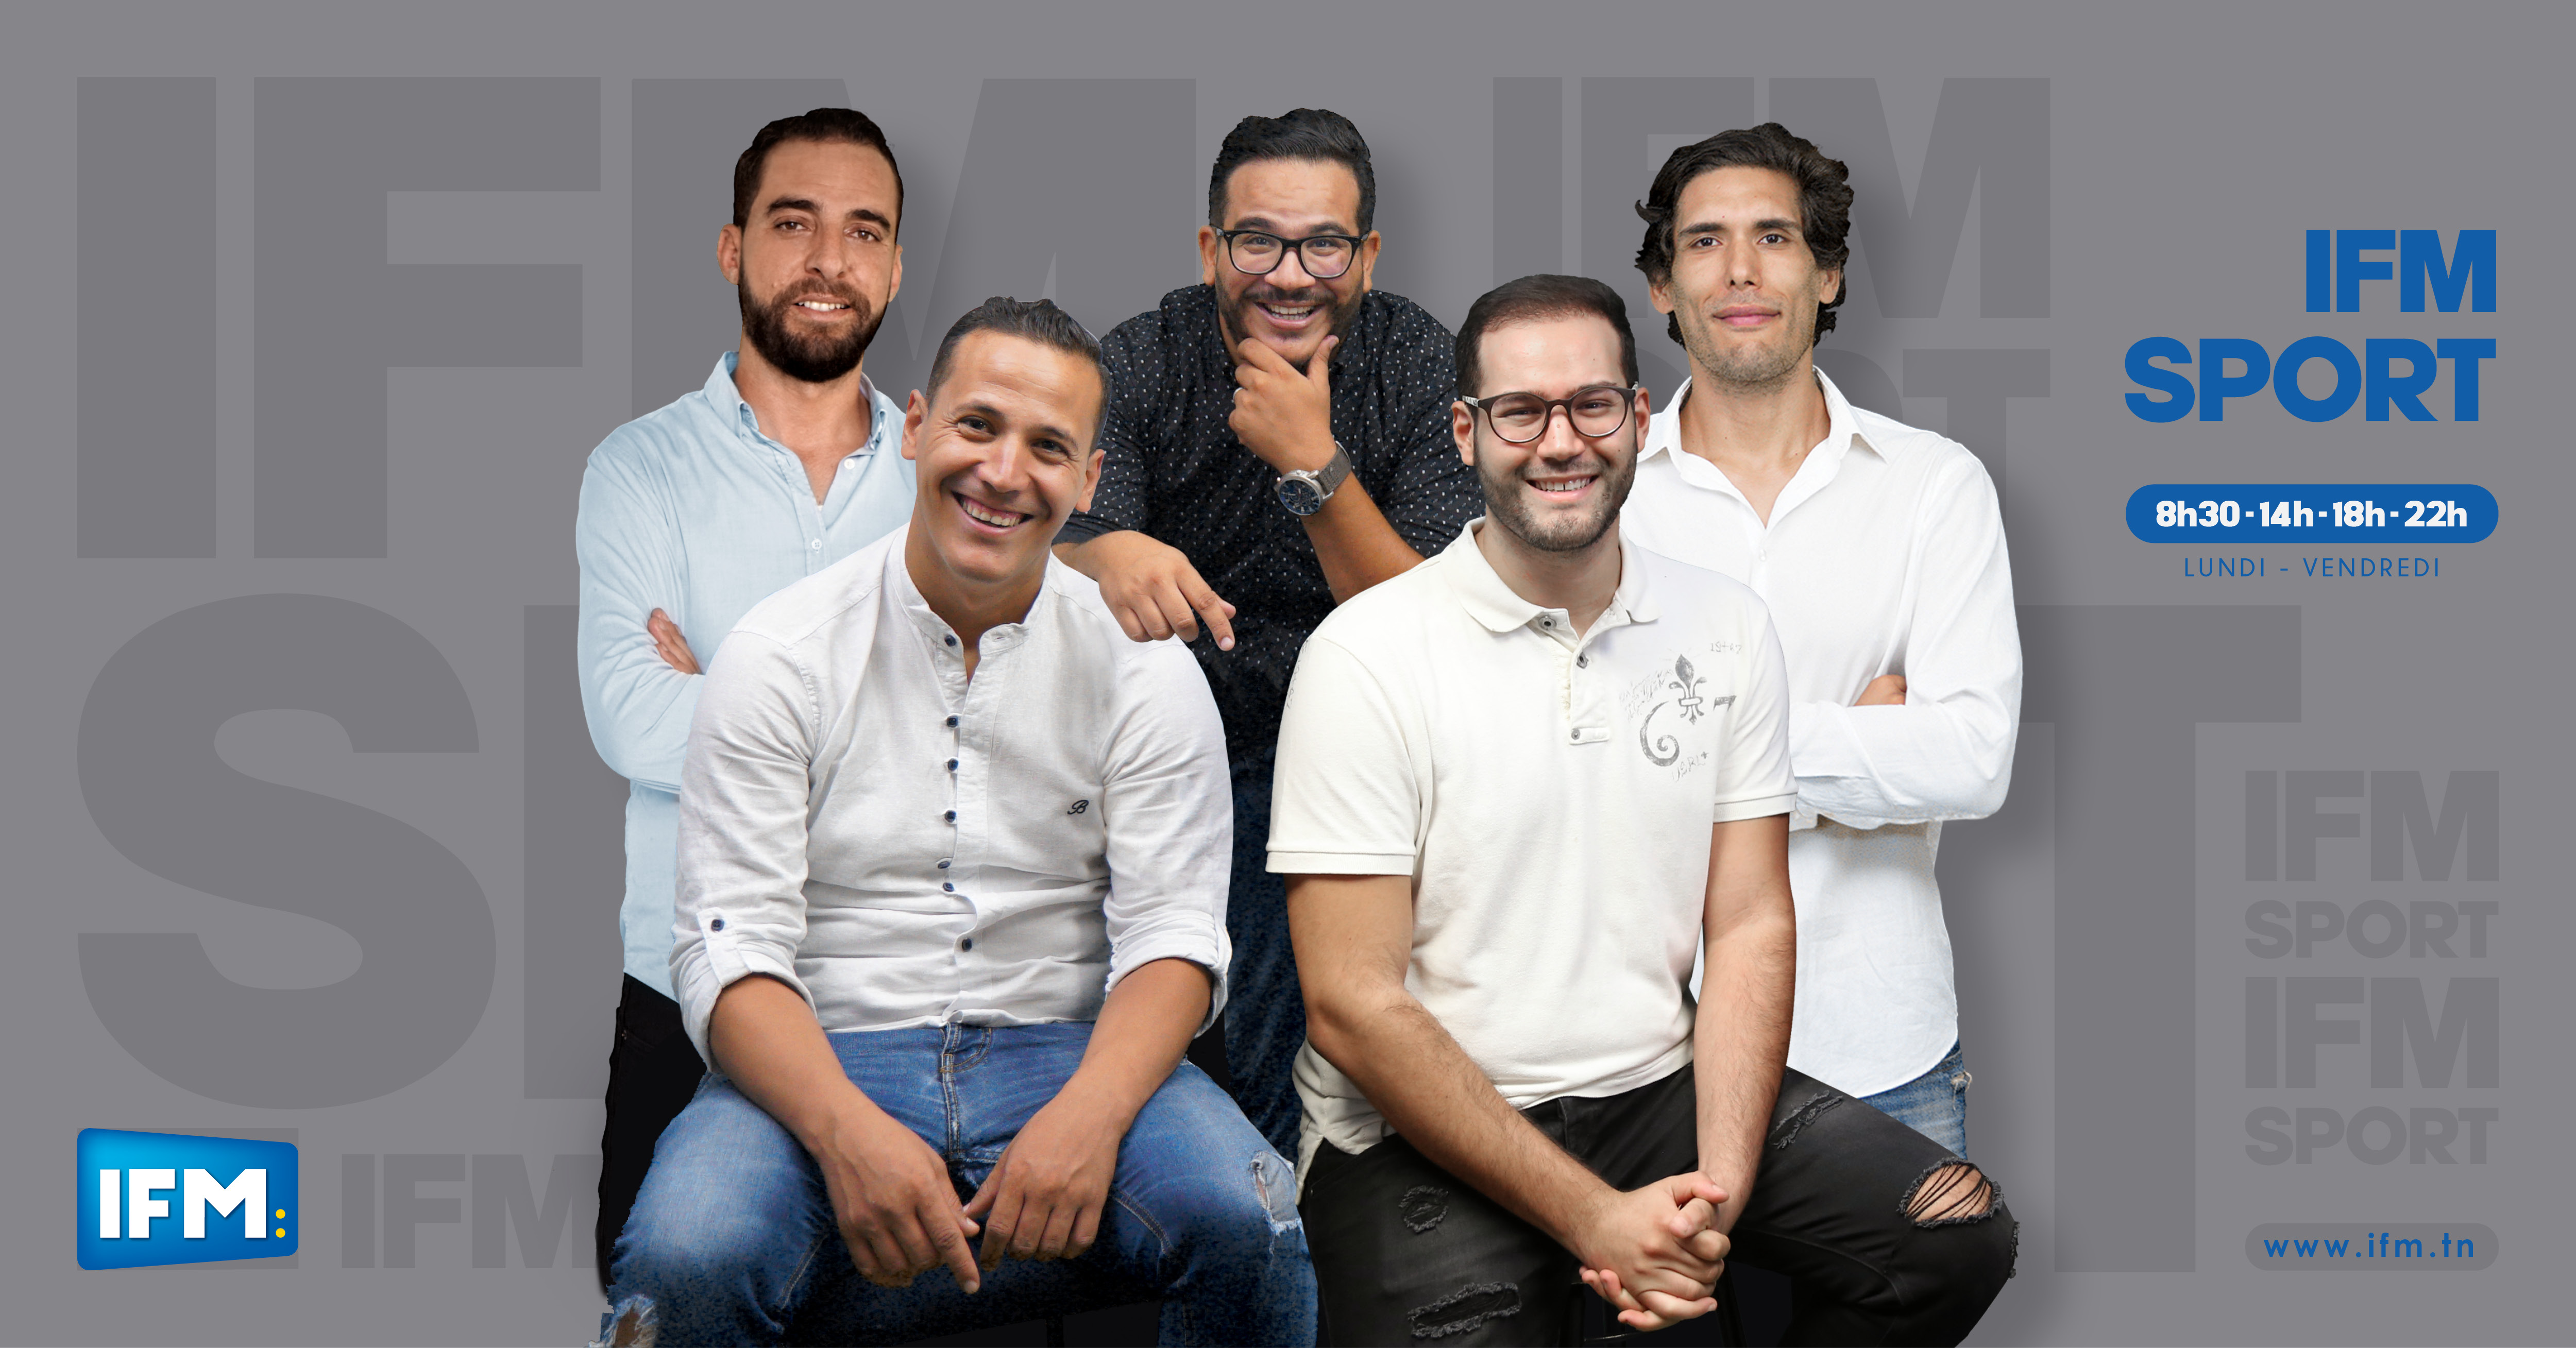 عضوين من الفيفا في تونس .... فريق ينسحب من البطولة .. انيس بوجلبان في تجربة جديدة خارج تونس ... قرعة كان سيدات تونس في كرة اليد ... فلاش سبورت